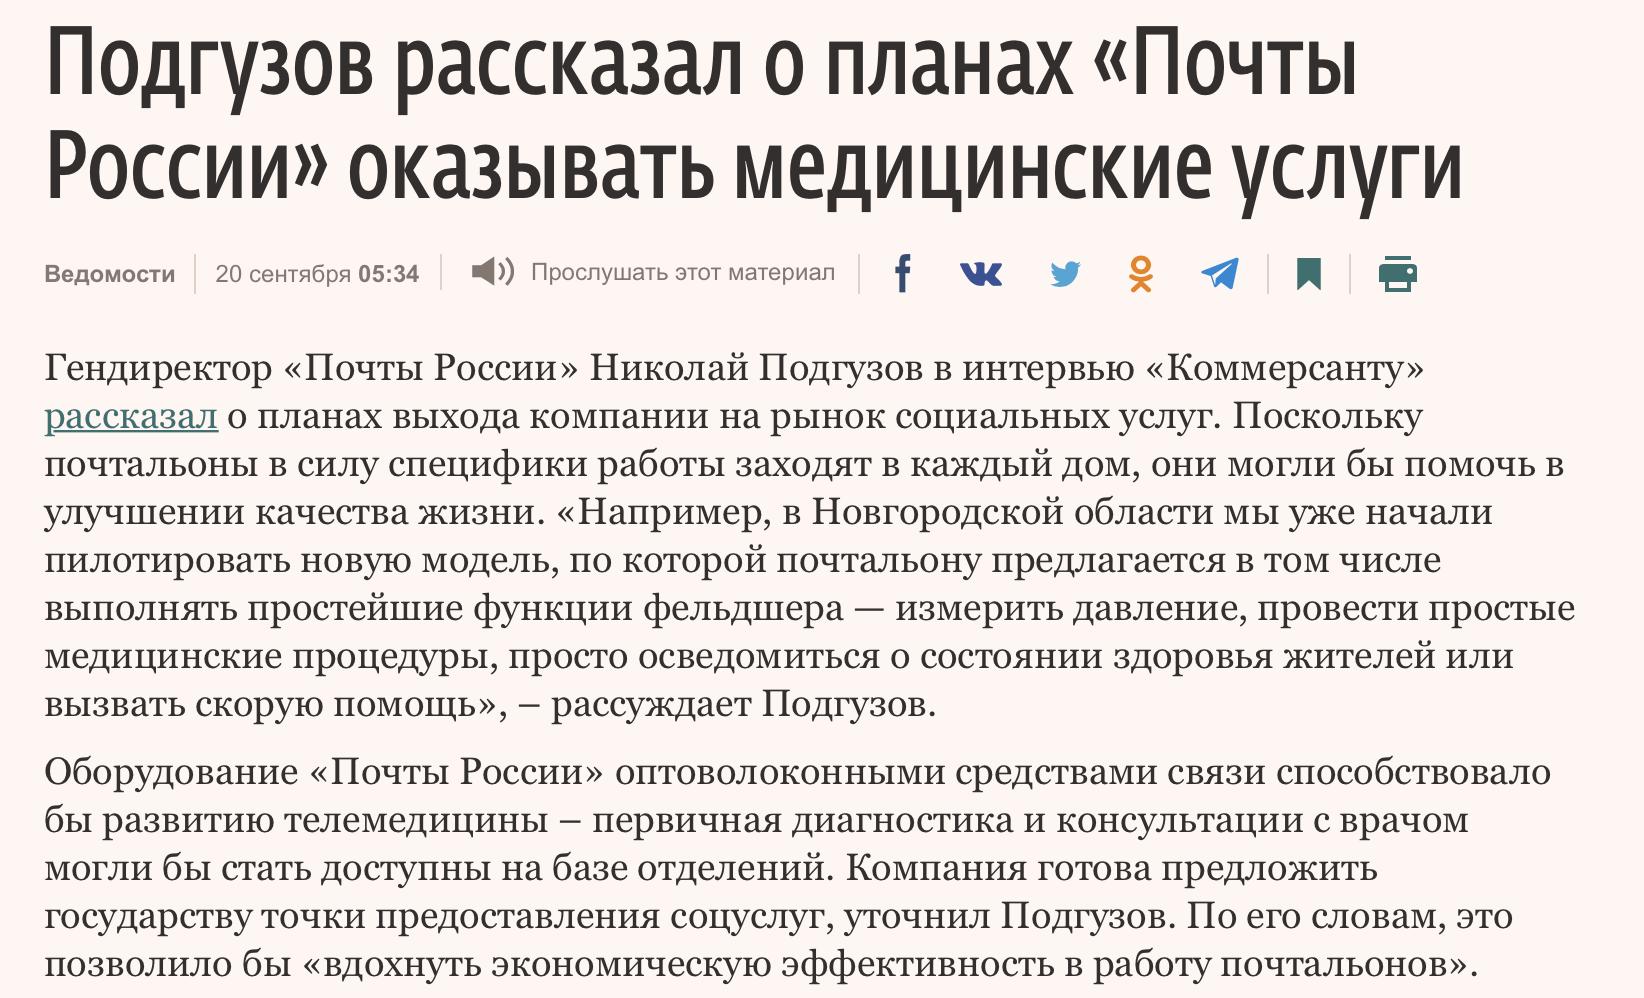 """""""Швидкі"""" на окупованому Донбасі виїжджають тільки з дозволу російських військових, - розвідка Міноборони - Цензор.НЕТ 7183"""